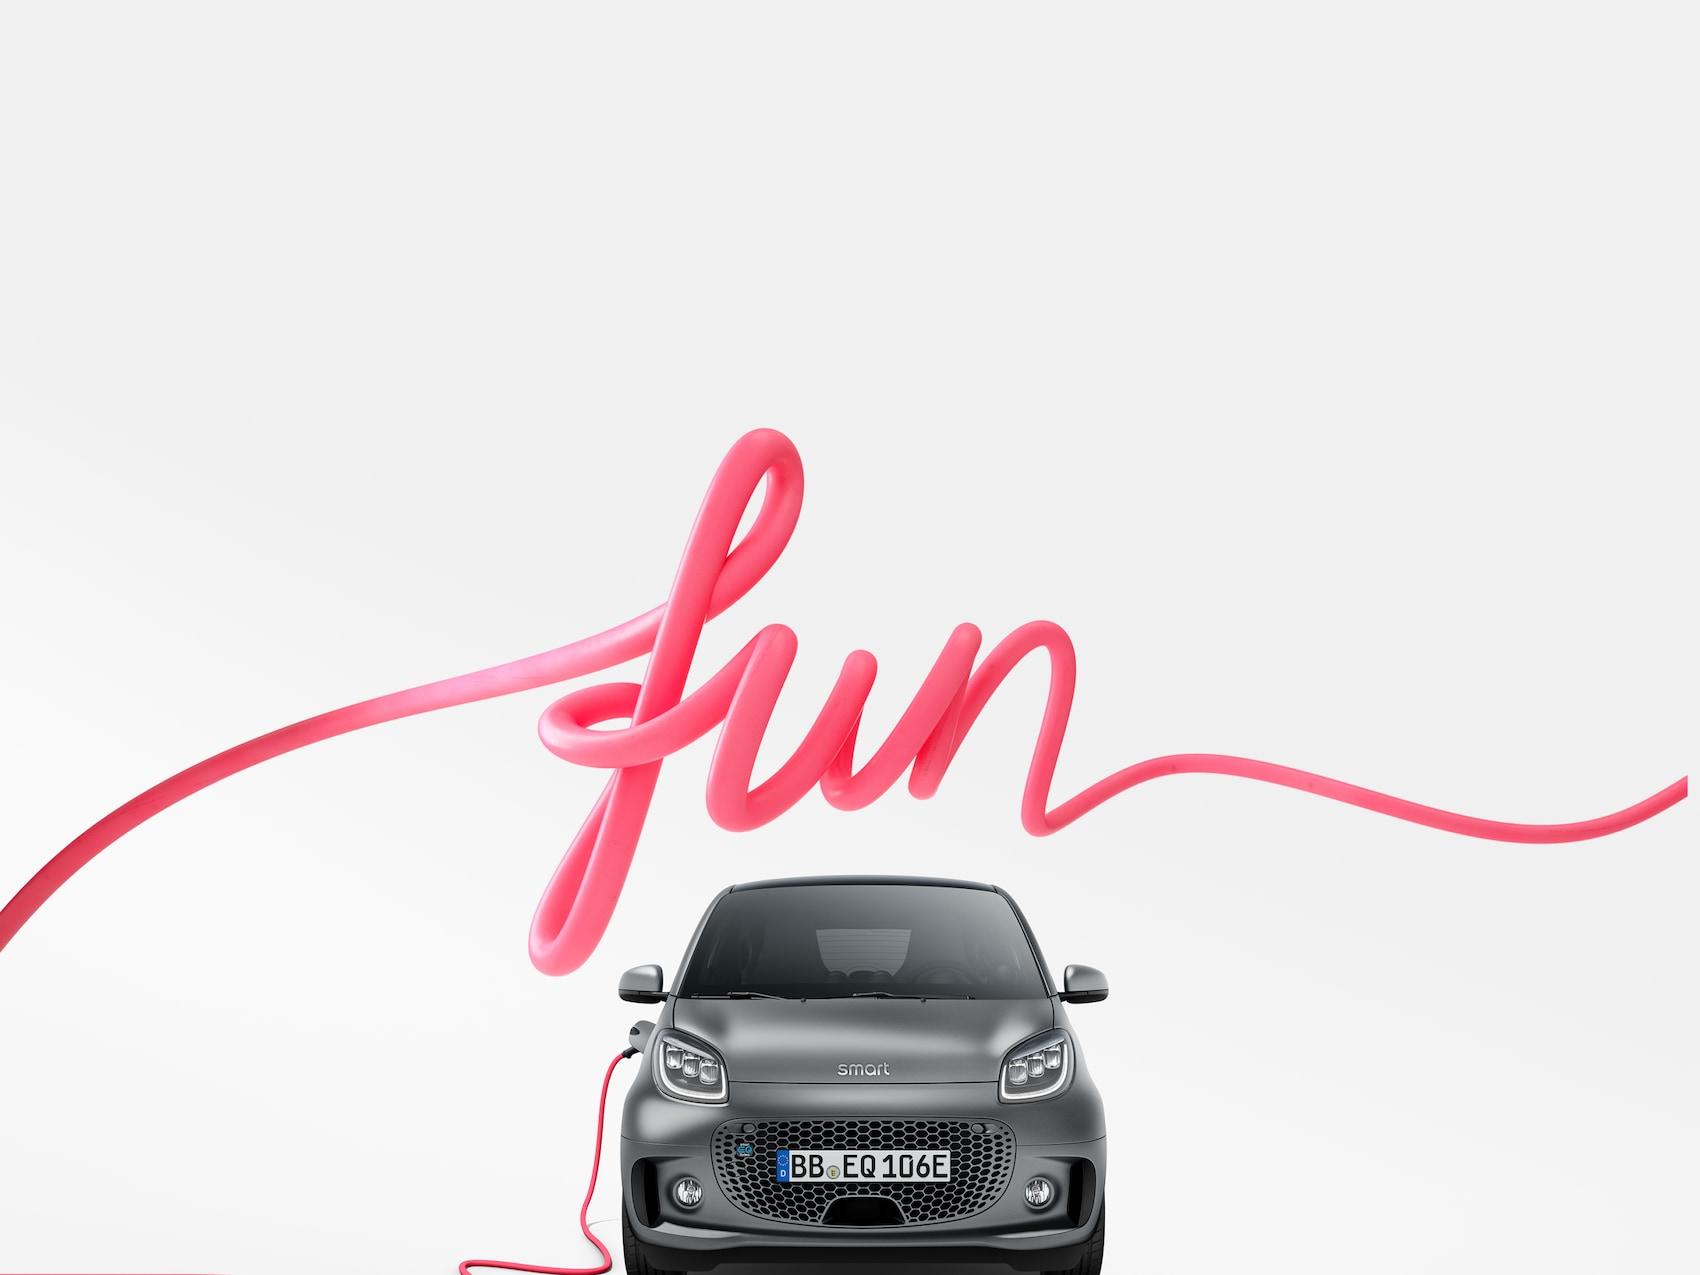 smart EQ fortwo en gris con cable de carga rosa y distintivo «fun»